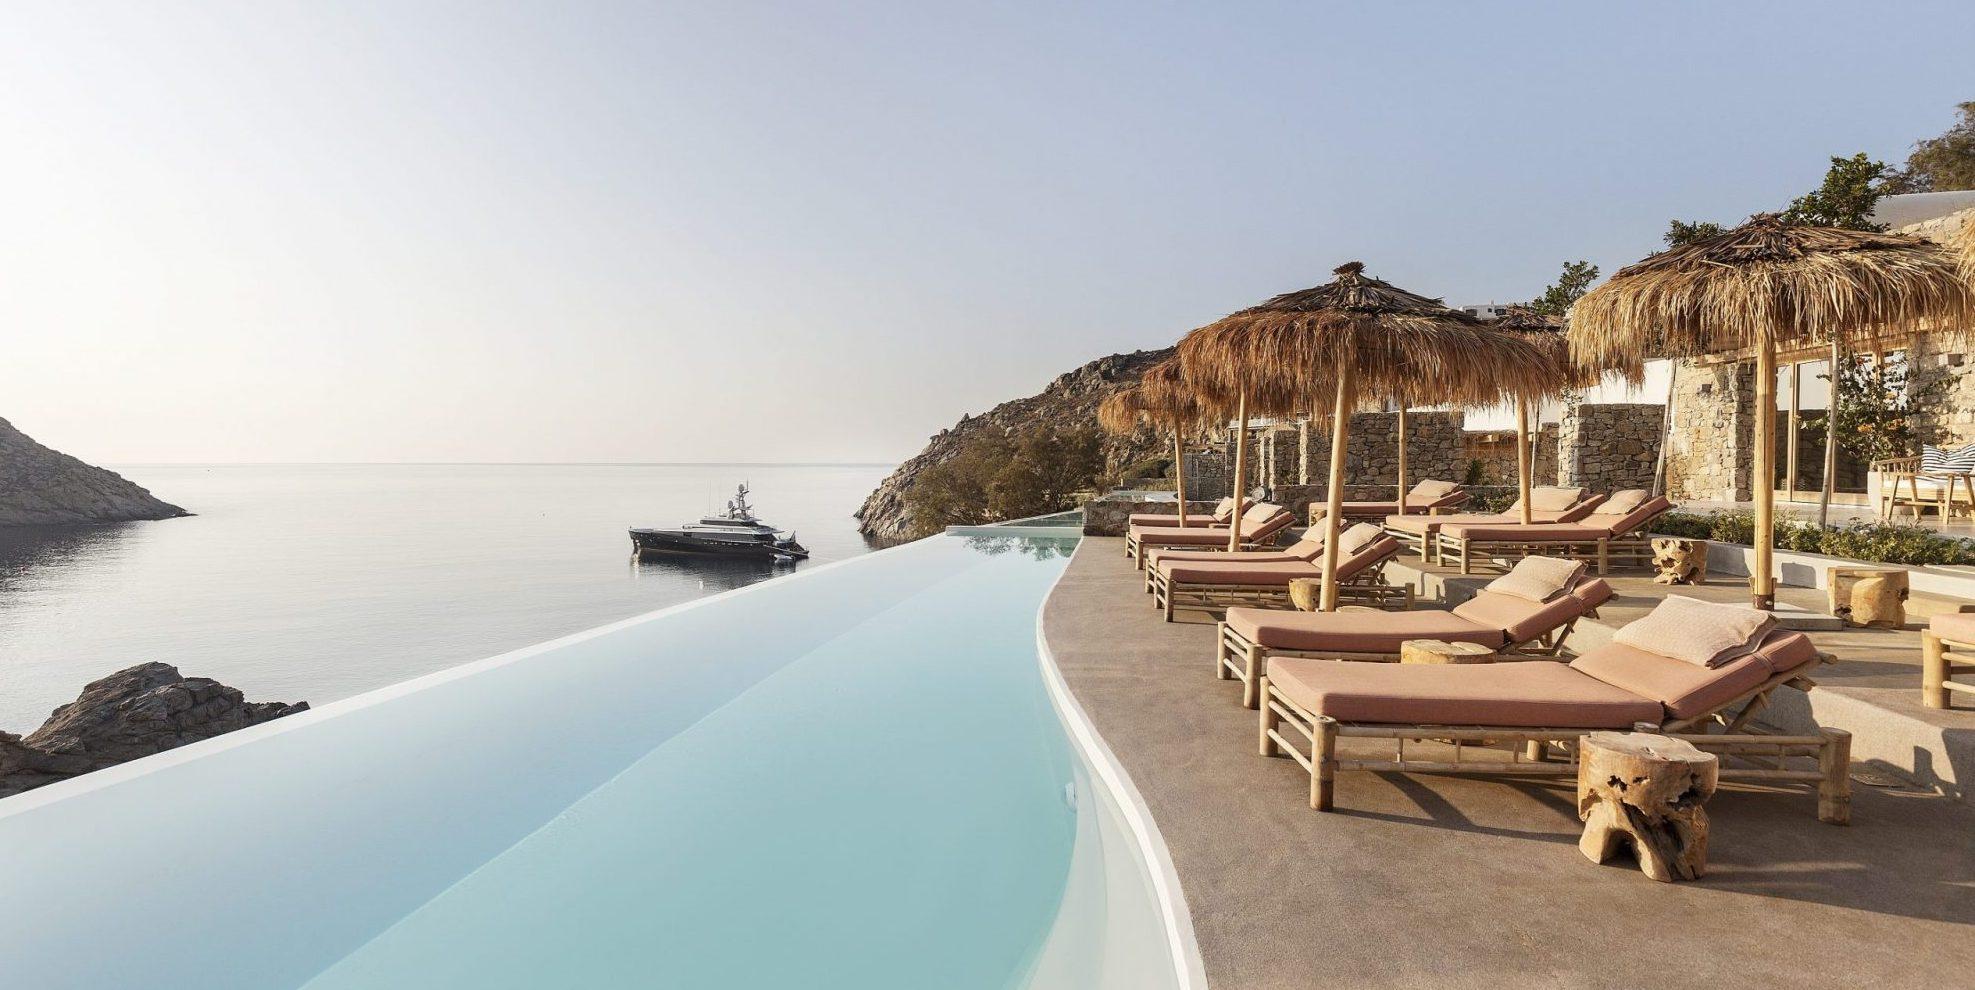 Ταξιδέψαμε στον luxury chic παράδεισο της Μυκόνου Μπορείς να βρεις  την απόλυτη γαλήνη ακόμα και στη Μύκονο… Περάσαμε ένα μαγικό τριήμερο στο The Wild Hotel by Interni και ανακαλύψαμε την ουσία του μεσογειακού καλοκαιριού.